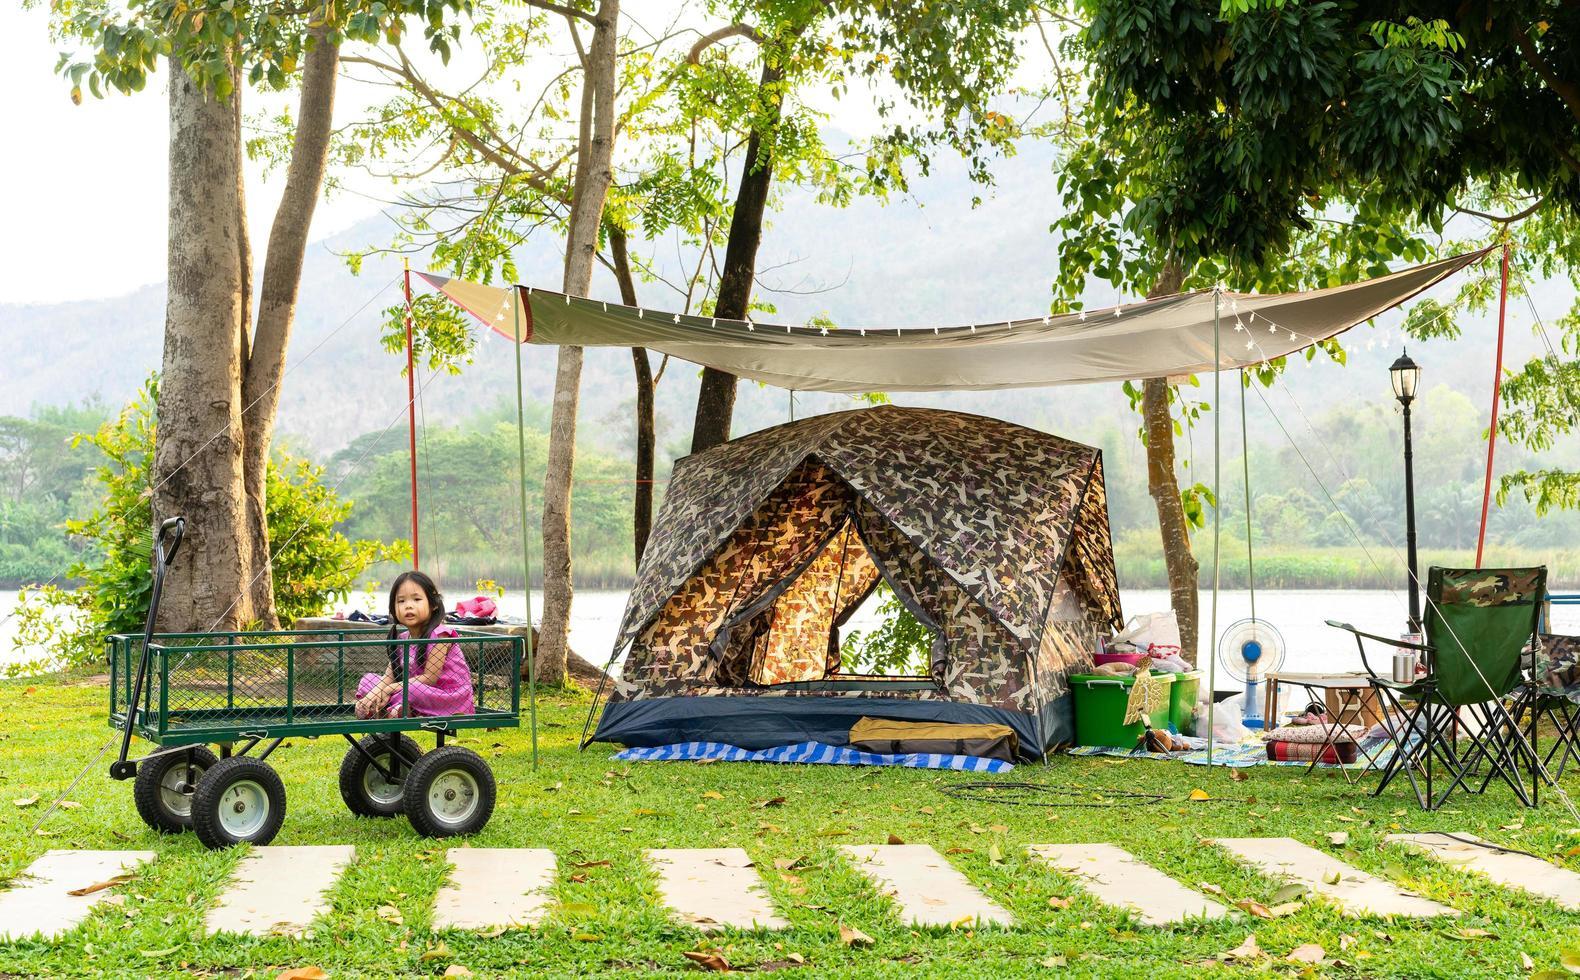 jonge Aziatische meisje in wagen op camping foto